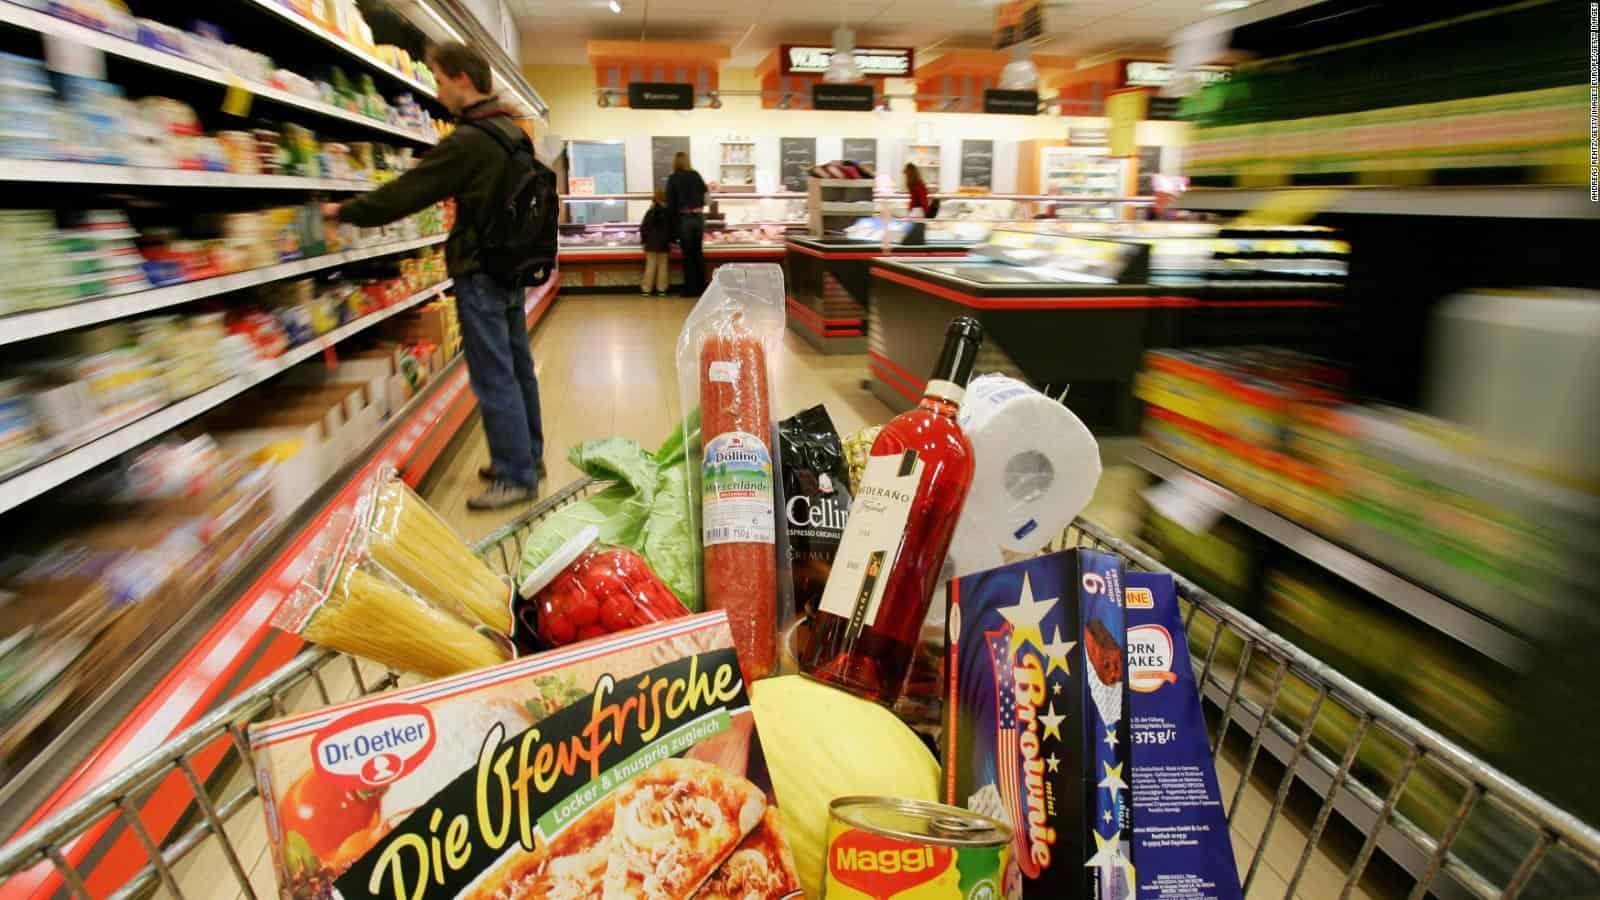 Minimercado Uno Expréss